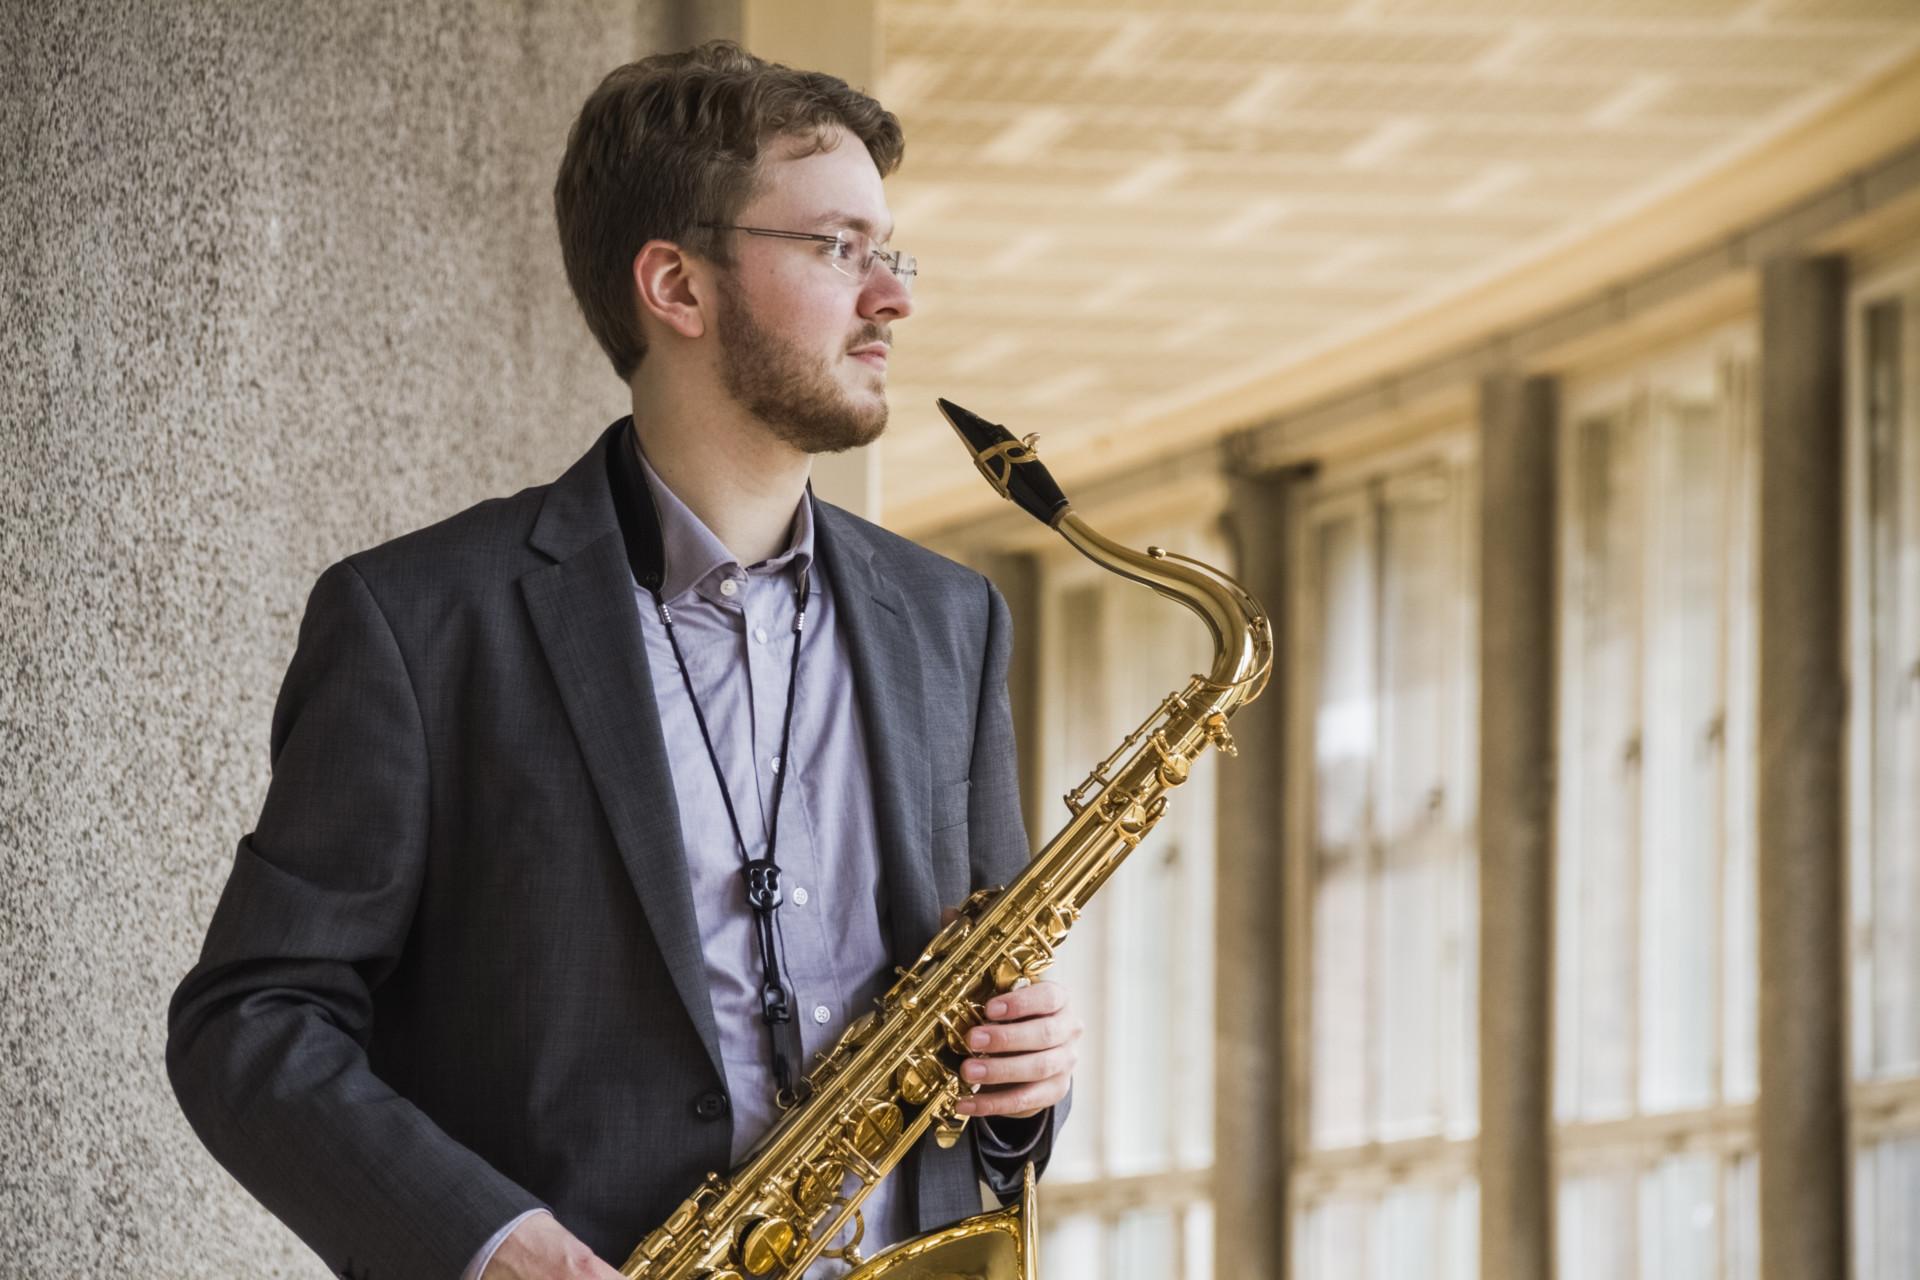 sebastian lange saxophon unterricht/lessons